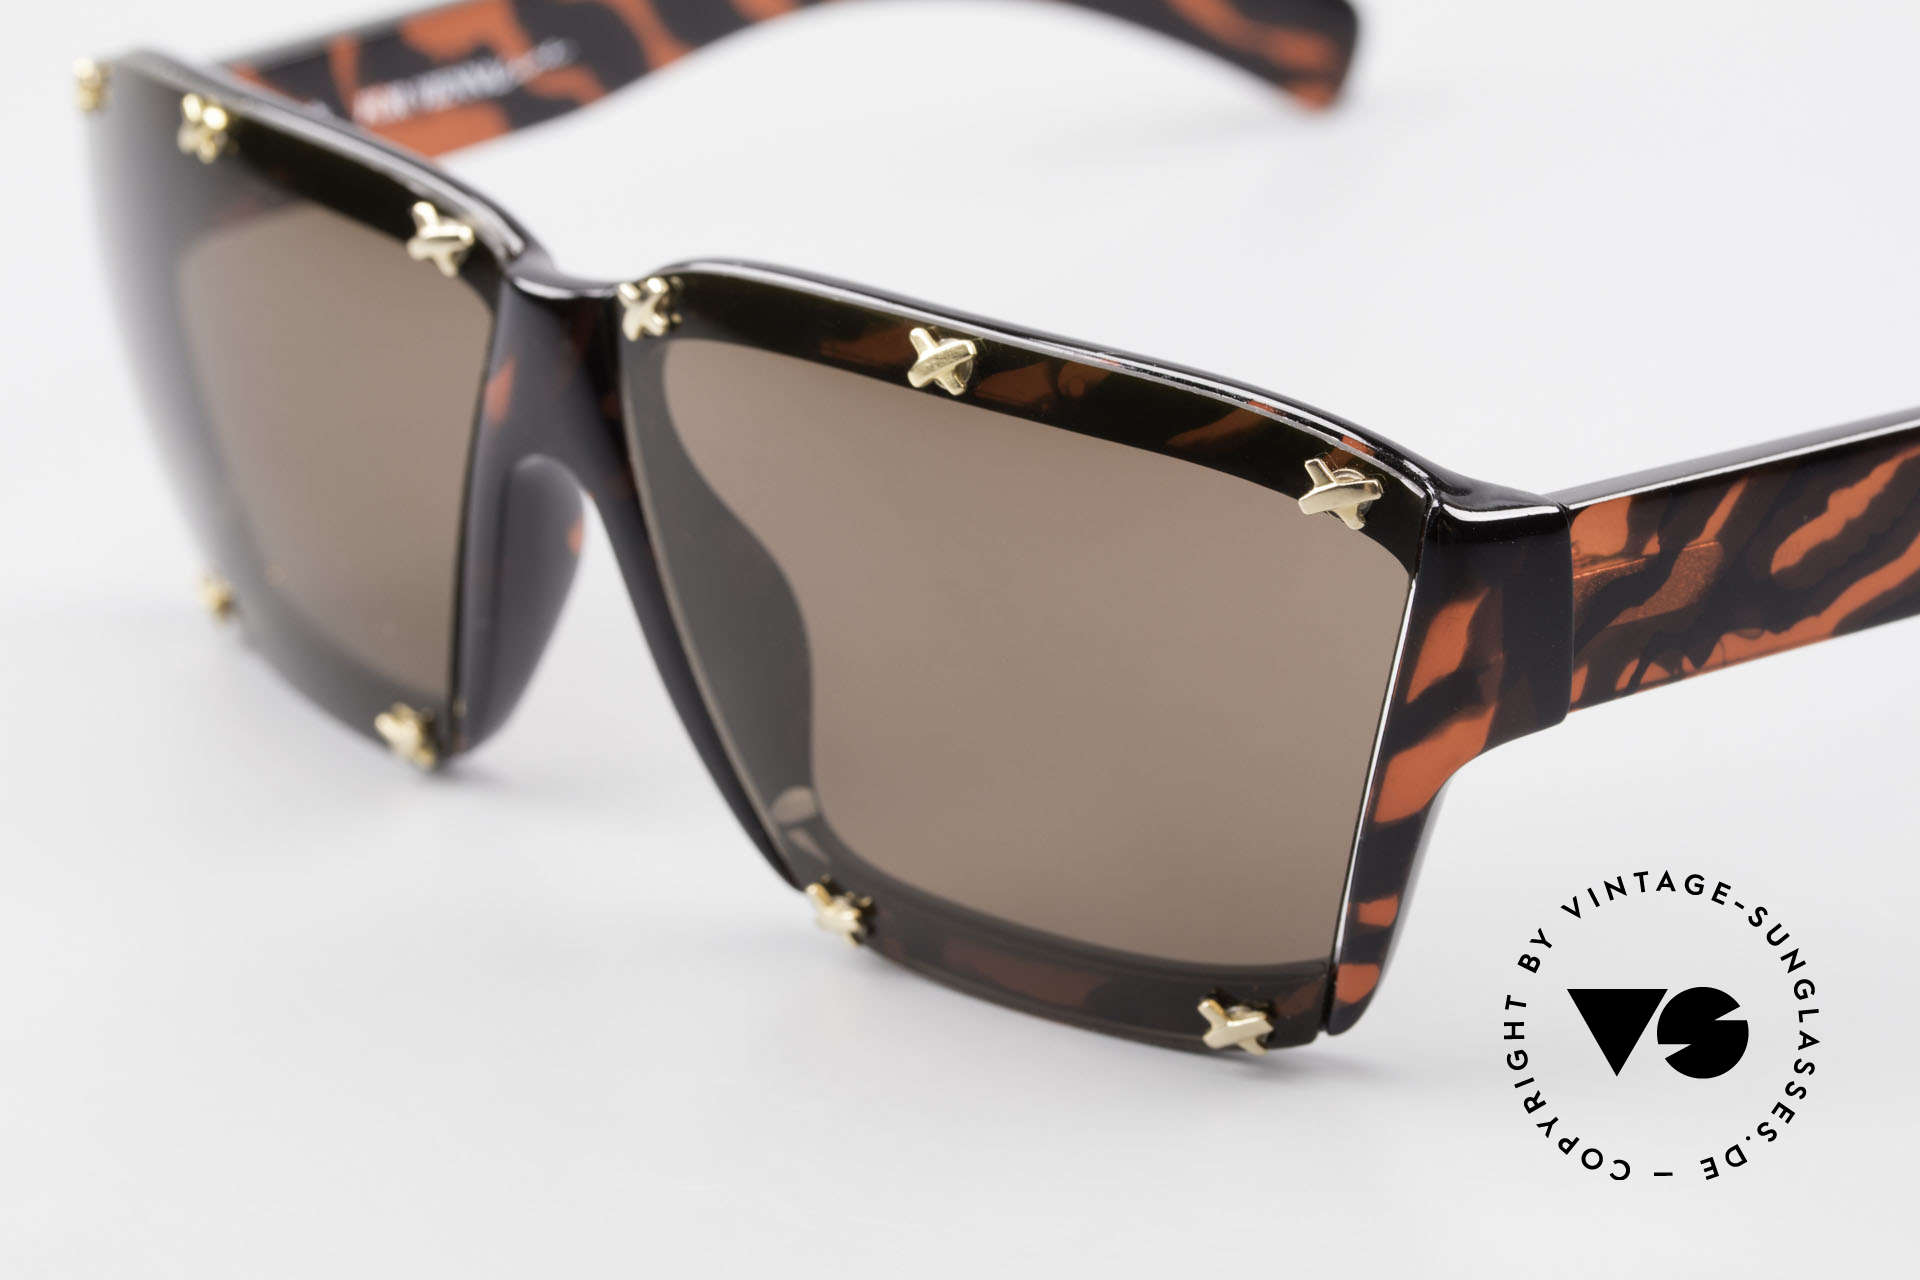 Paloma Picasso 3702 Vintage Sonnenbrille Original, von 1990, doch das Optyl-Material glänzt wie neu, Passend für Damen